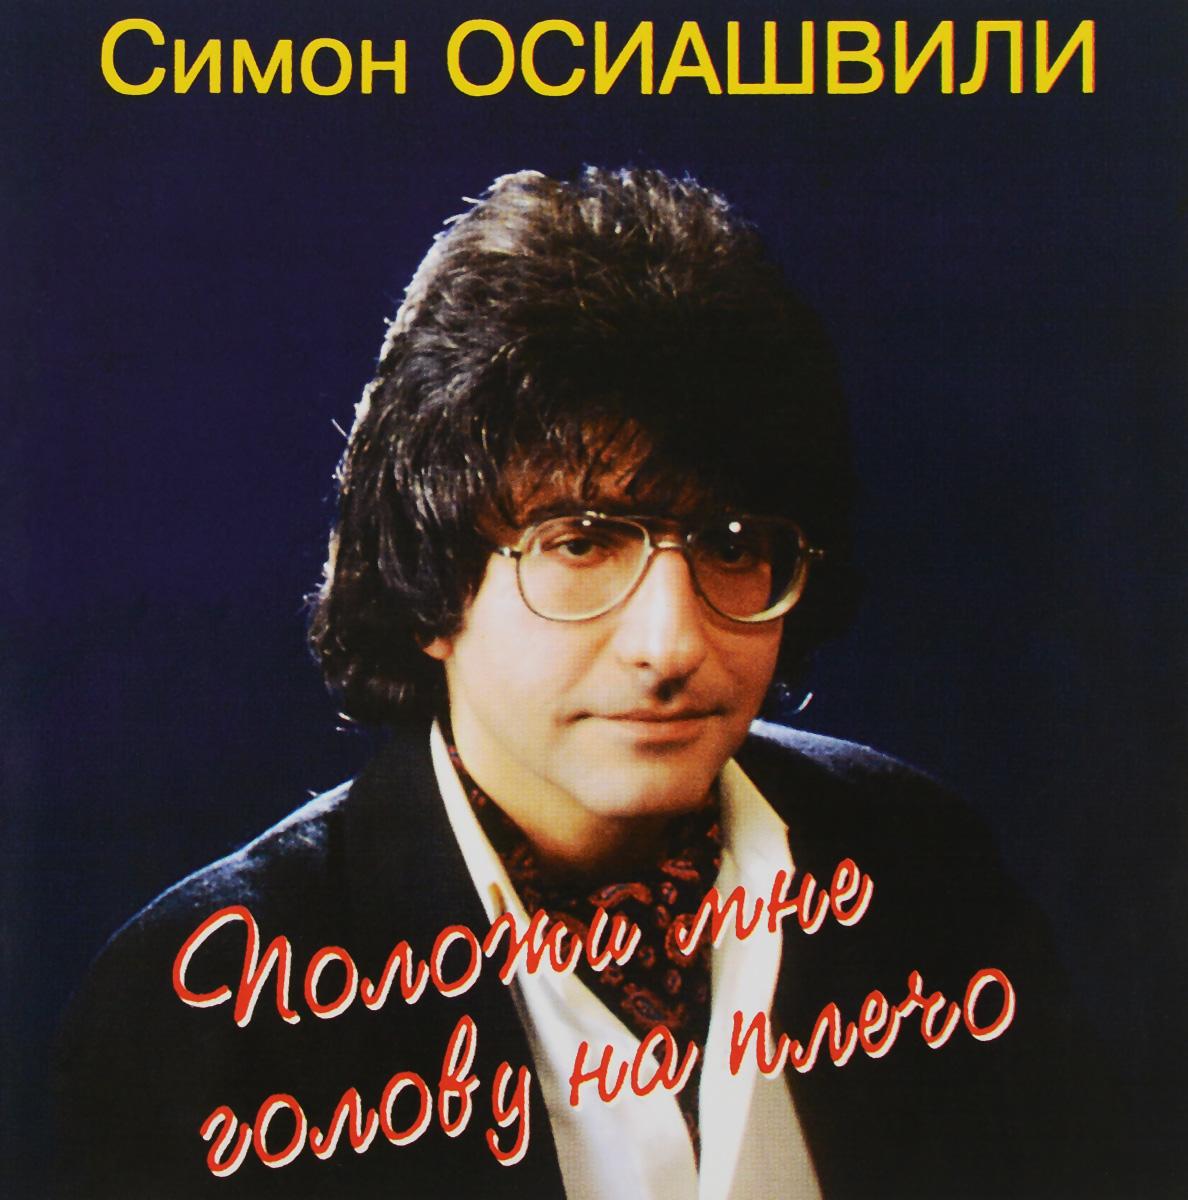 Симон Осиашвили Симон Осиашвили. Положи мне голову на плечо чиковани с симон чиковани стихотворения